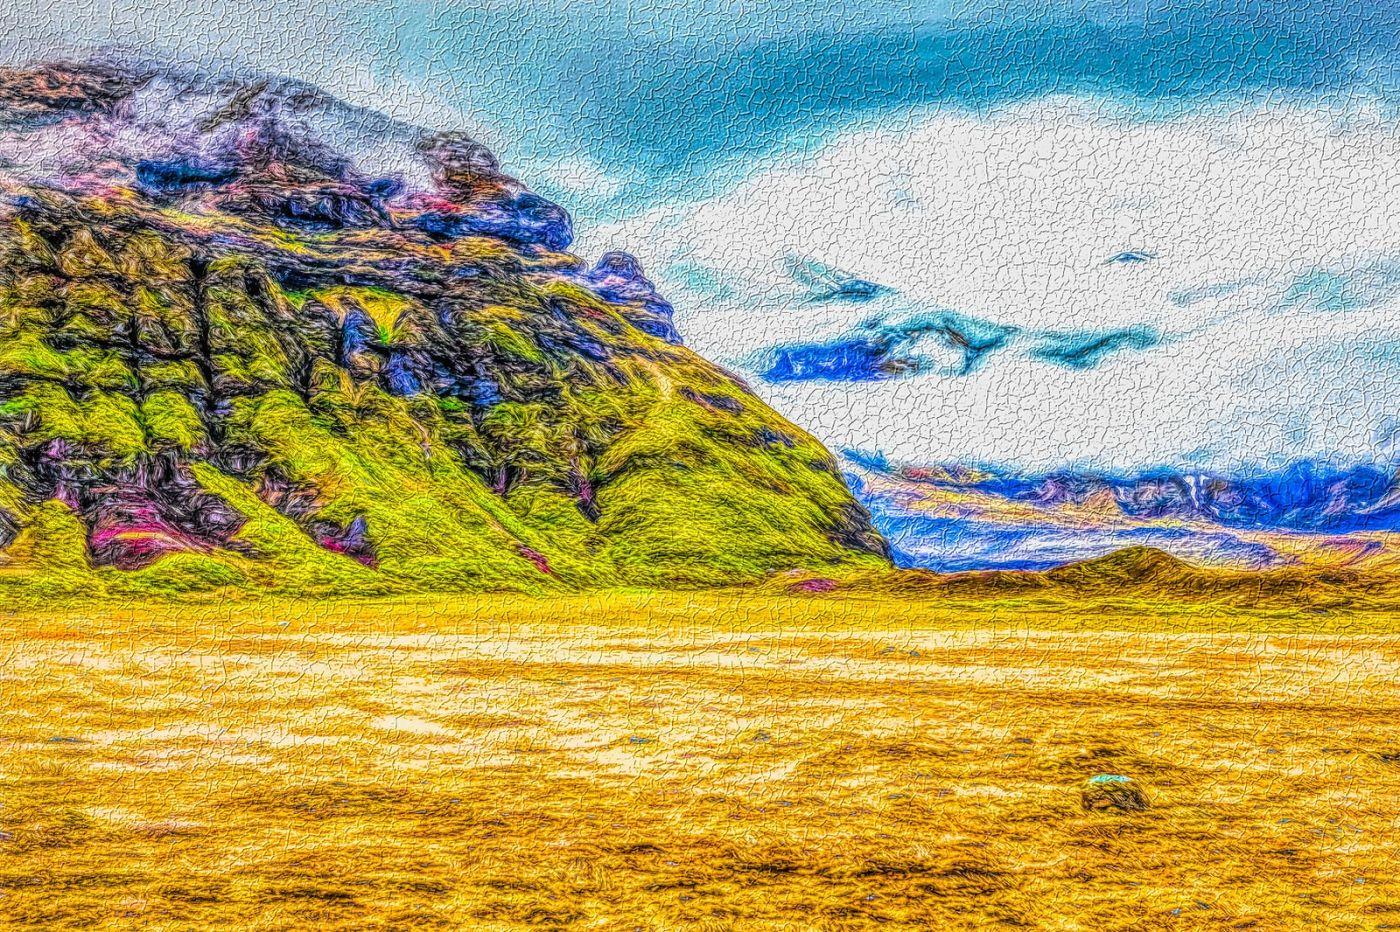 冰岛风采,新的感觉_图1-17